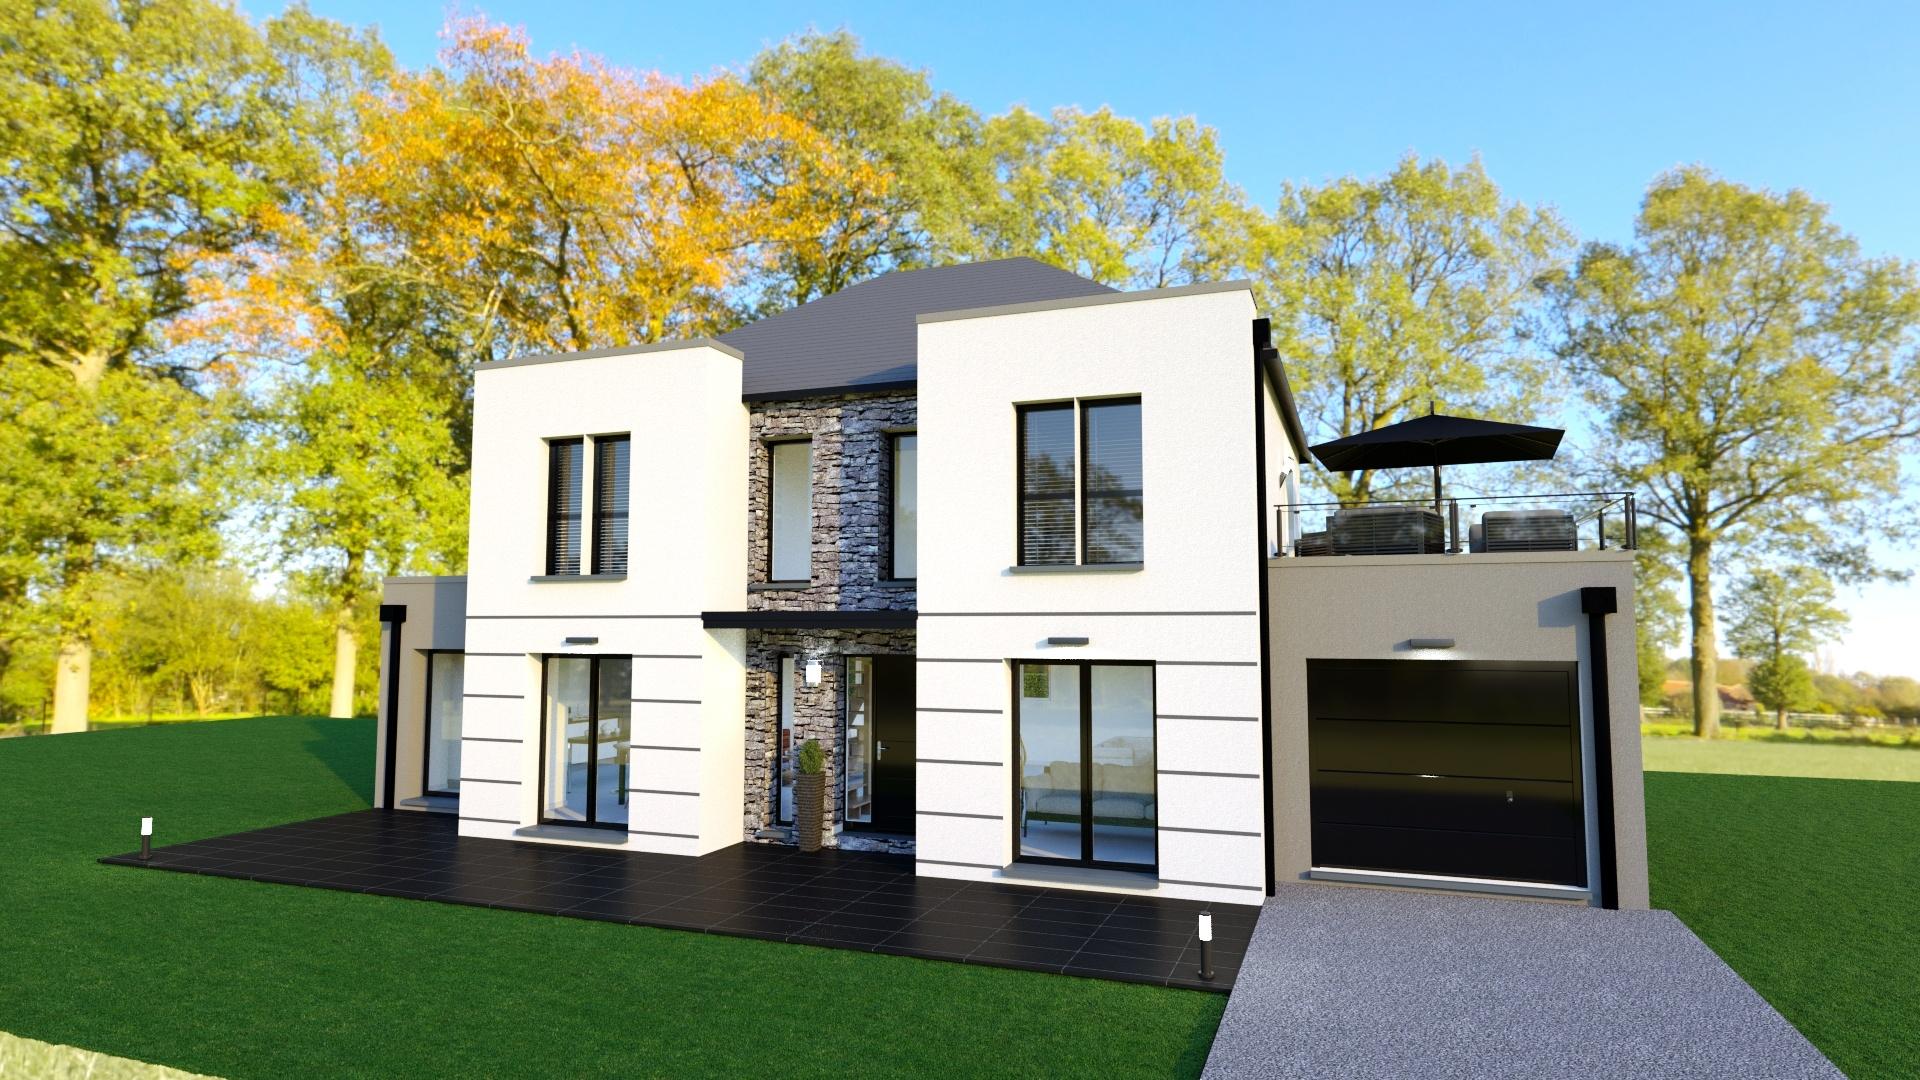 Terrains du constructeur Les maisons Lelievre • 330 m² • BEAUCHAMP